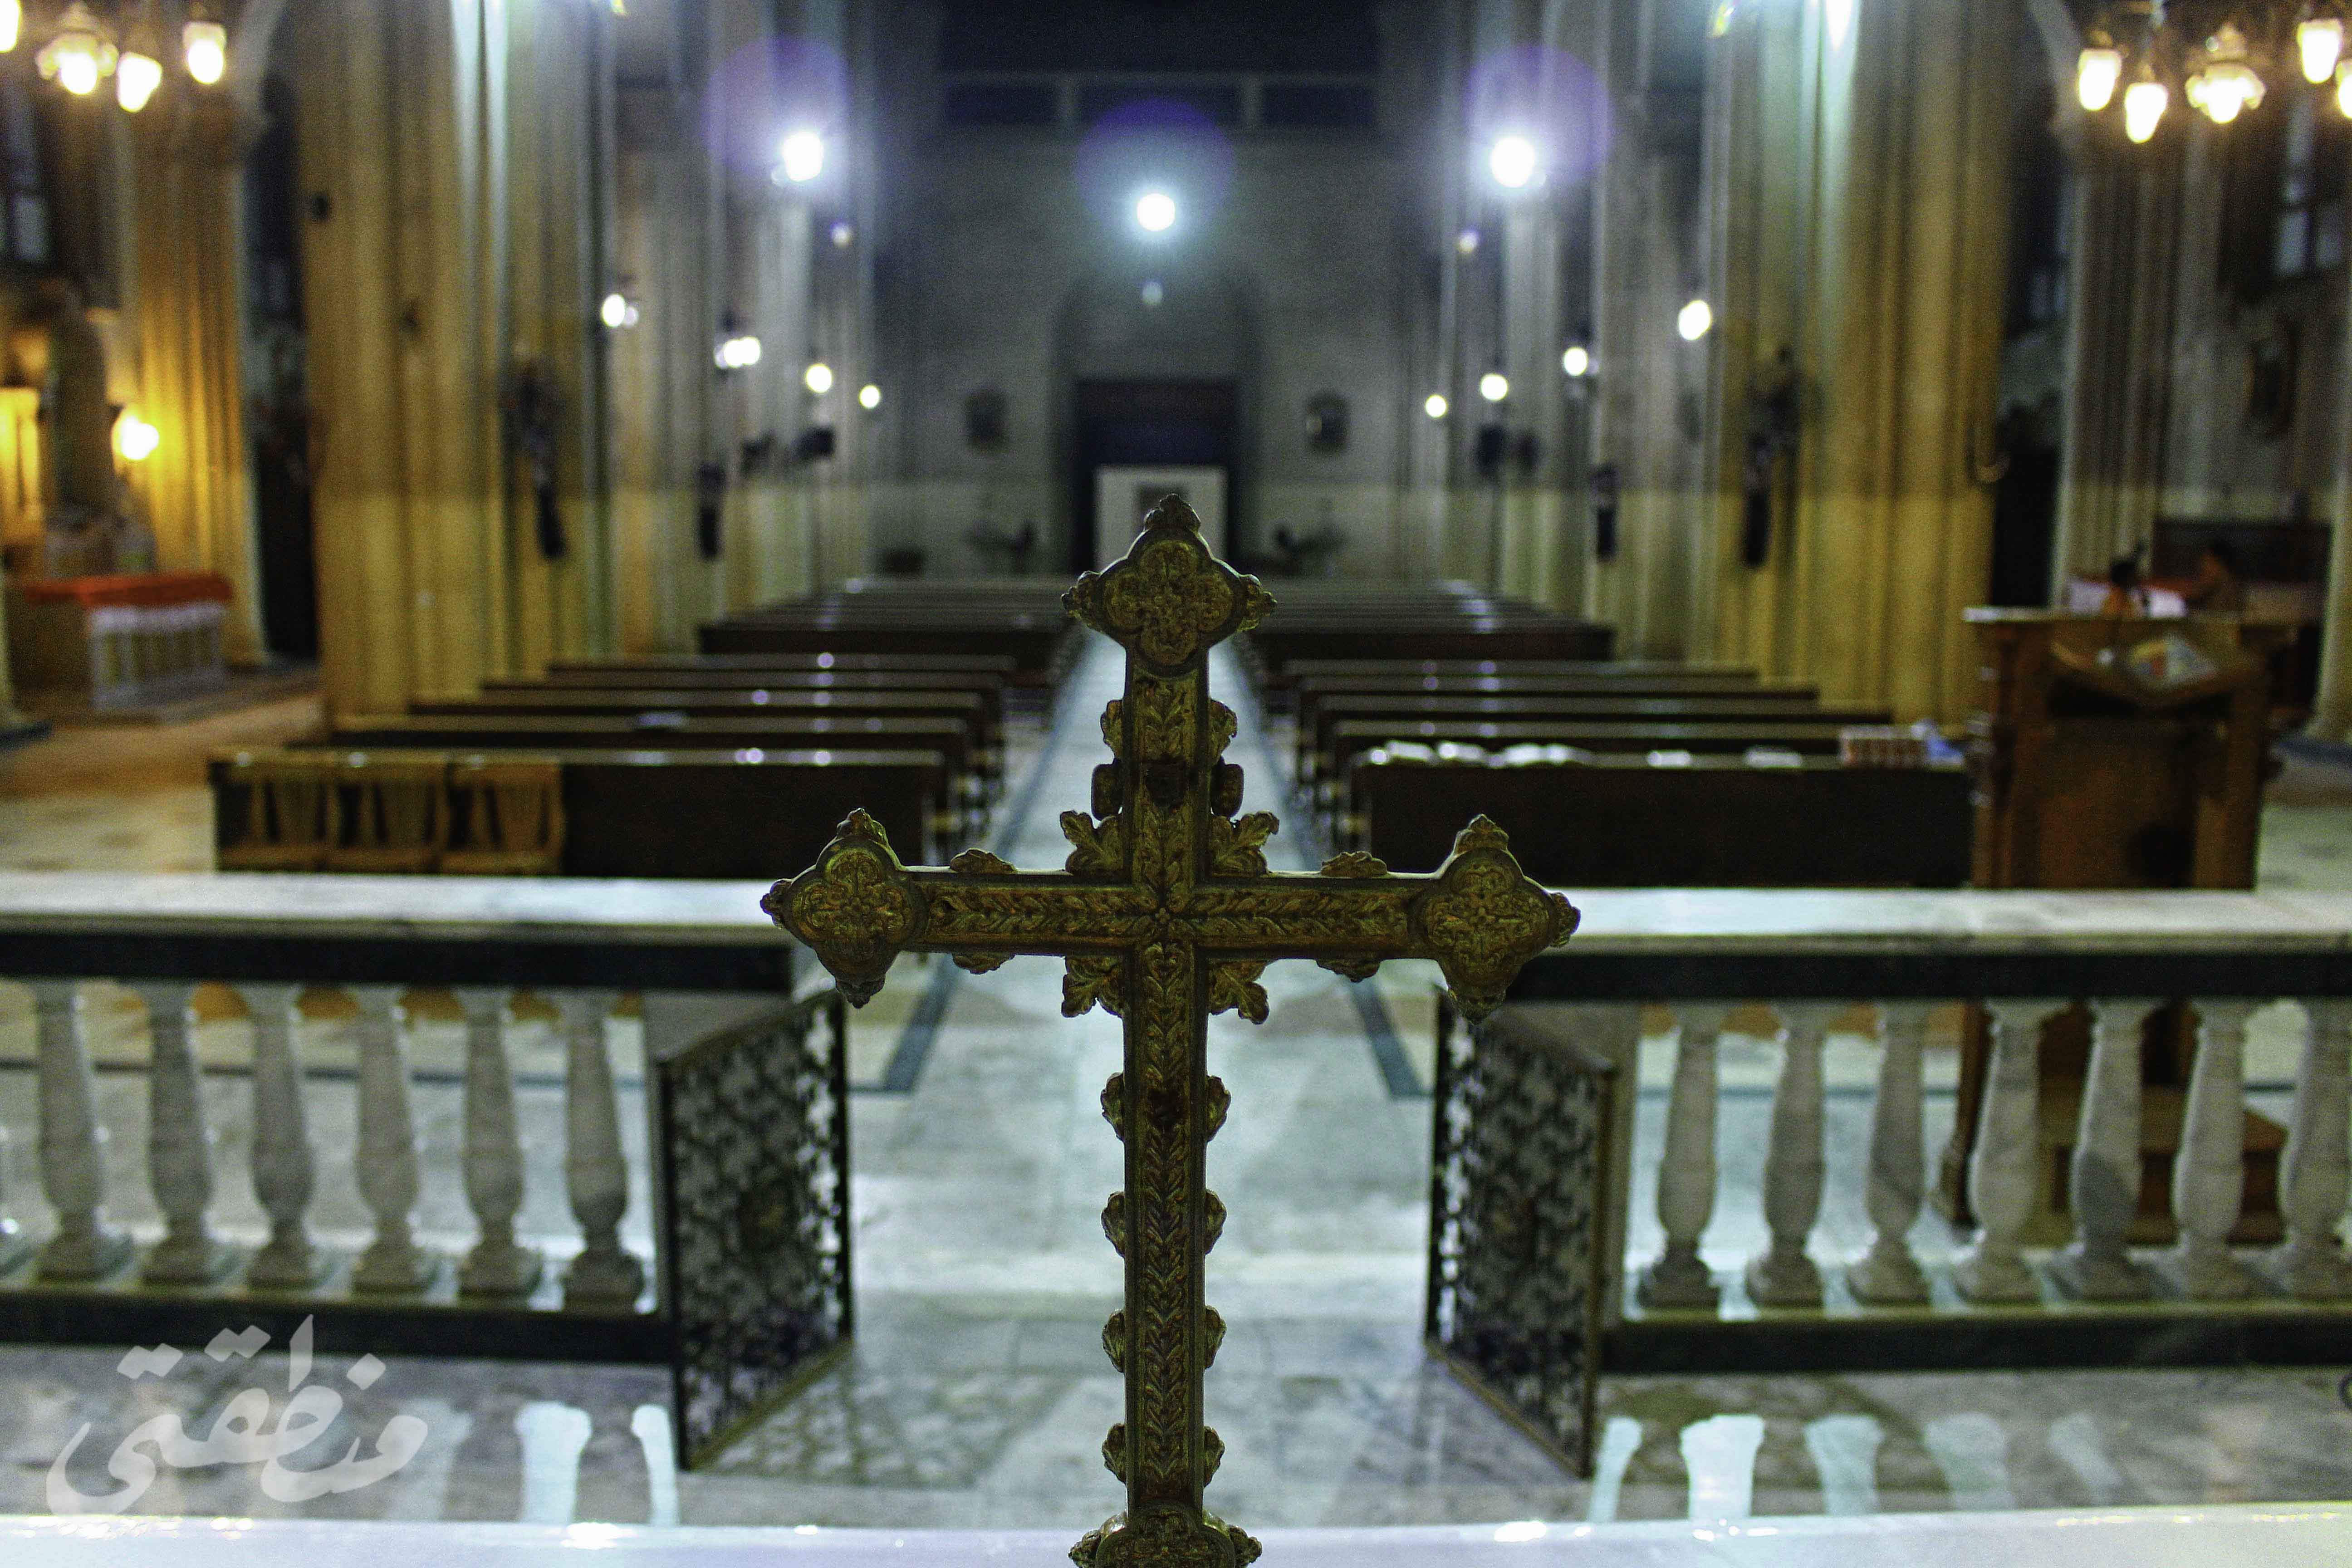 كنيسة مريم العذراء سيدة الكرمل من الداخل - تصوير - صديق البخشونجي